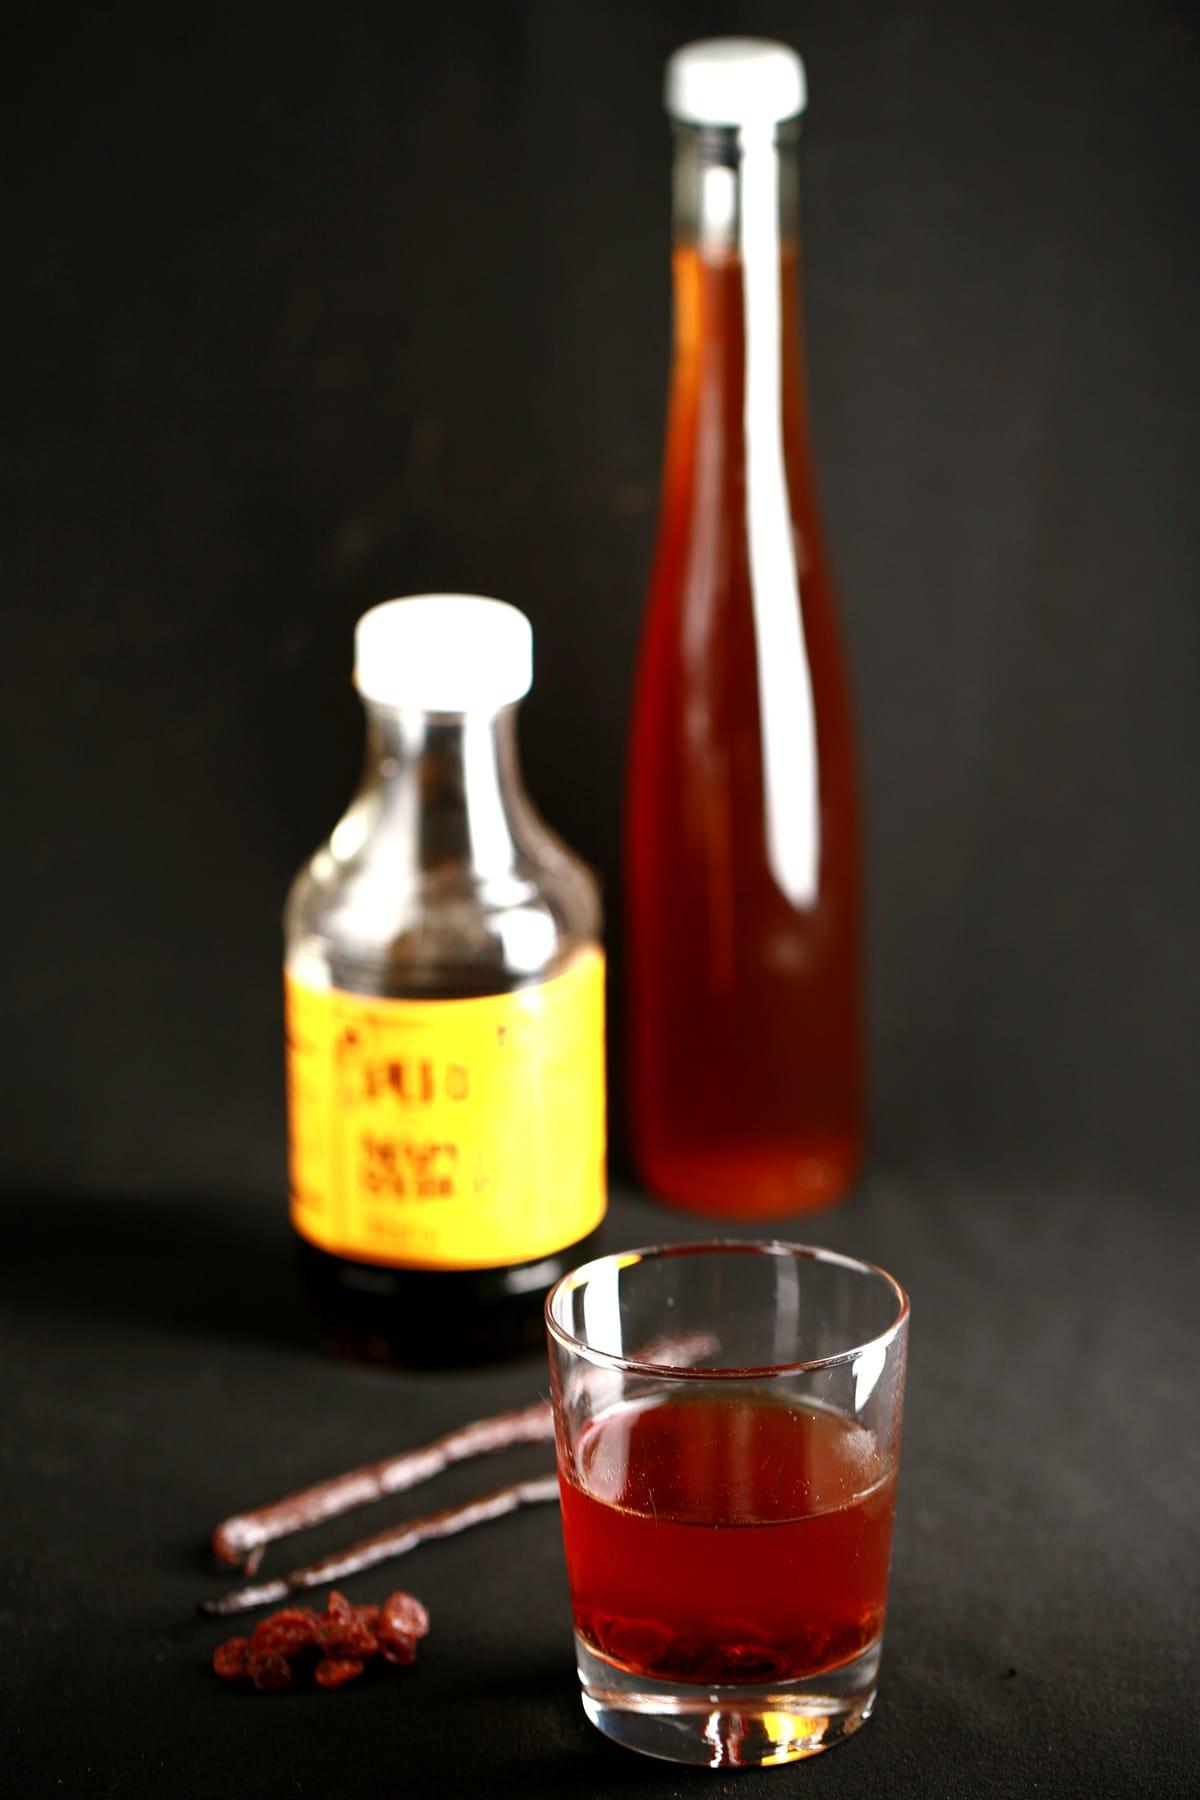 A glass of maple butter tart liqueur next to a bottle of the liqueur, and a bottle of maple syrup.